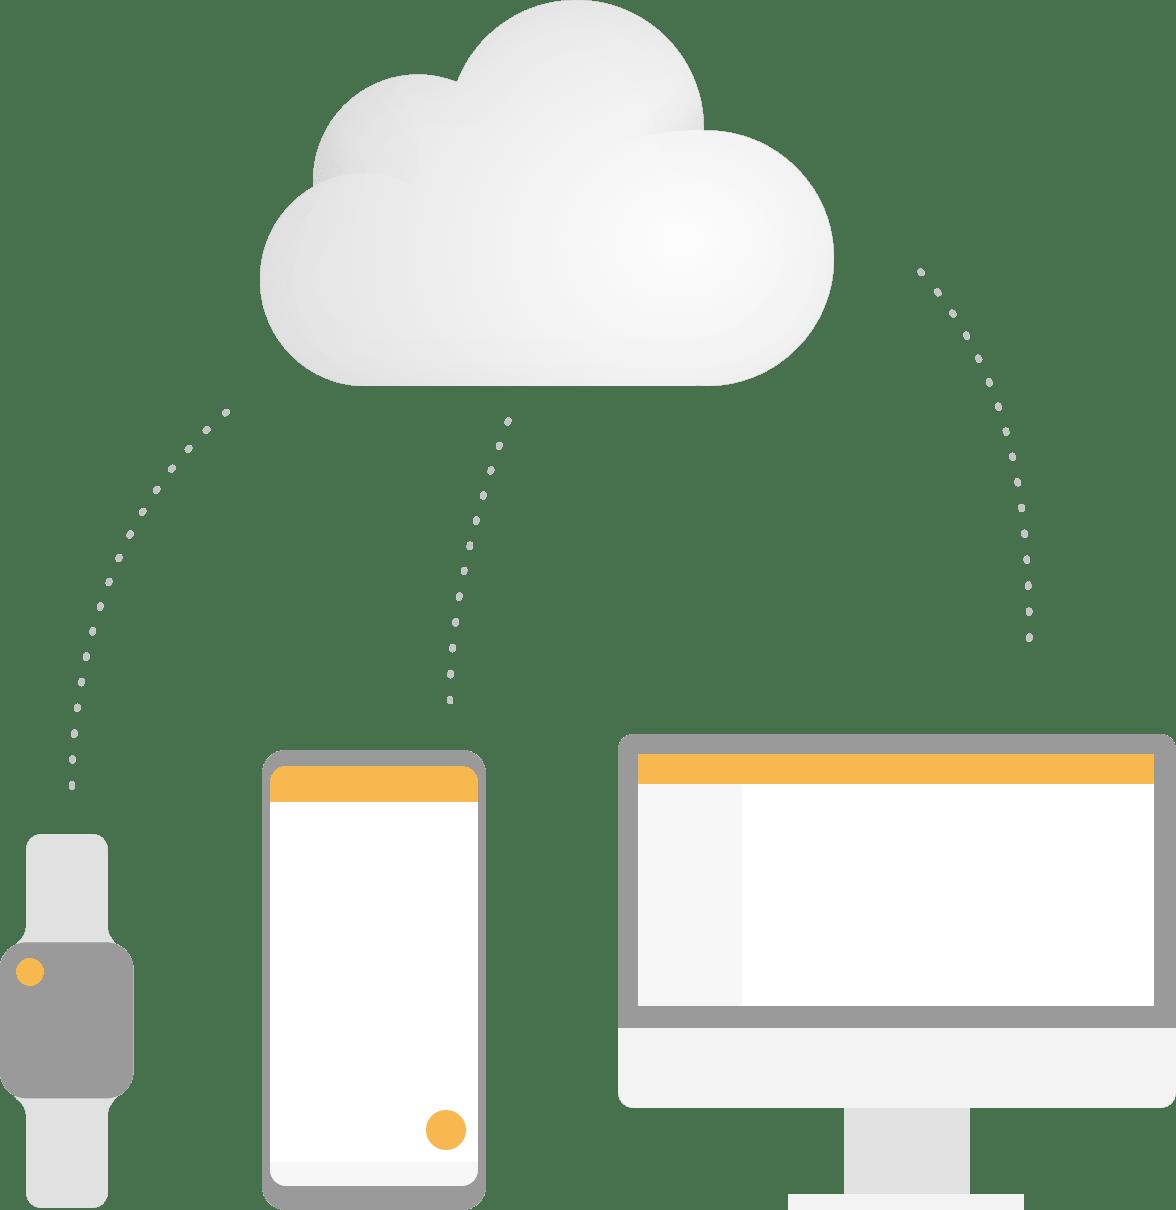 Ottieni backup automatico dei tuoi dati